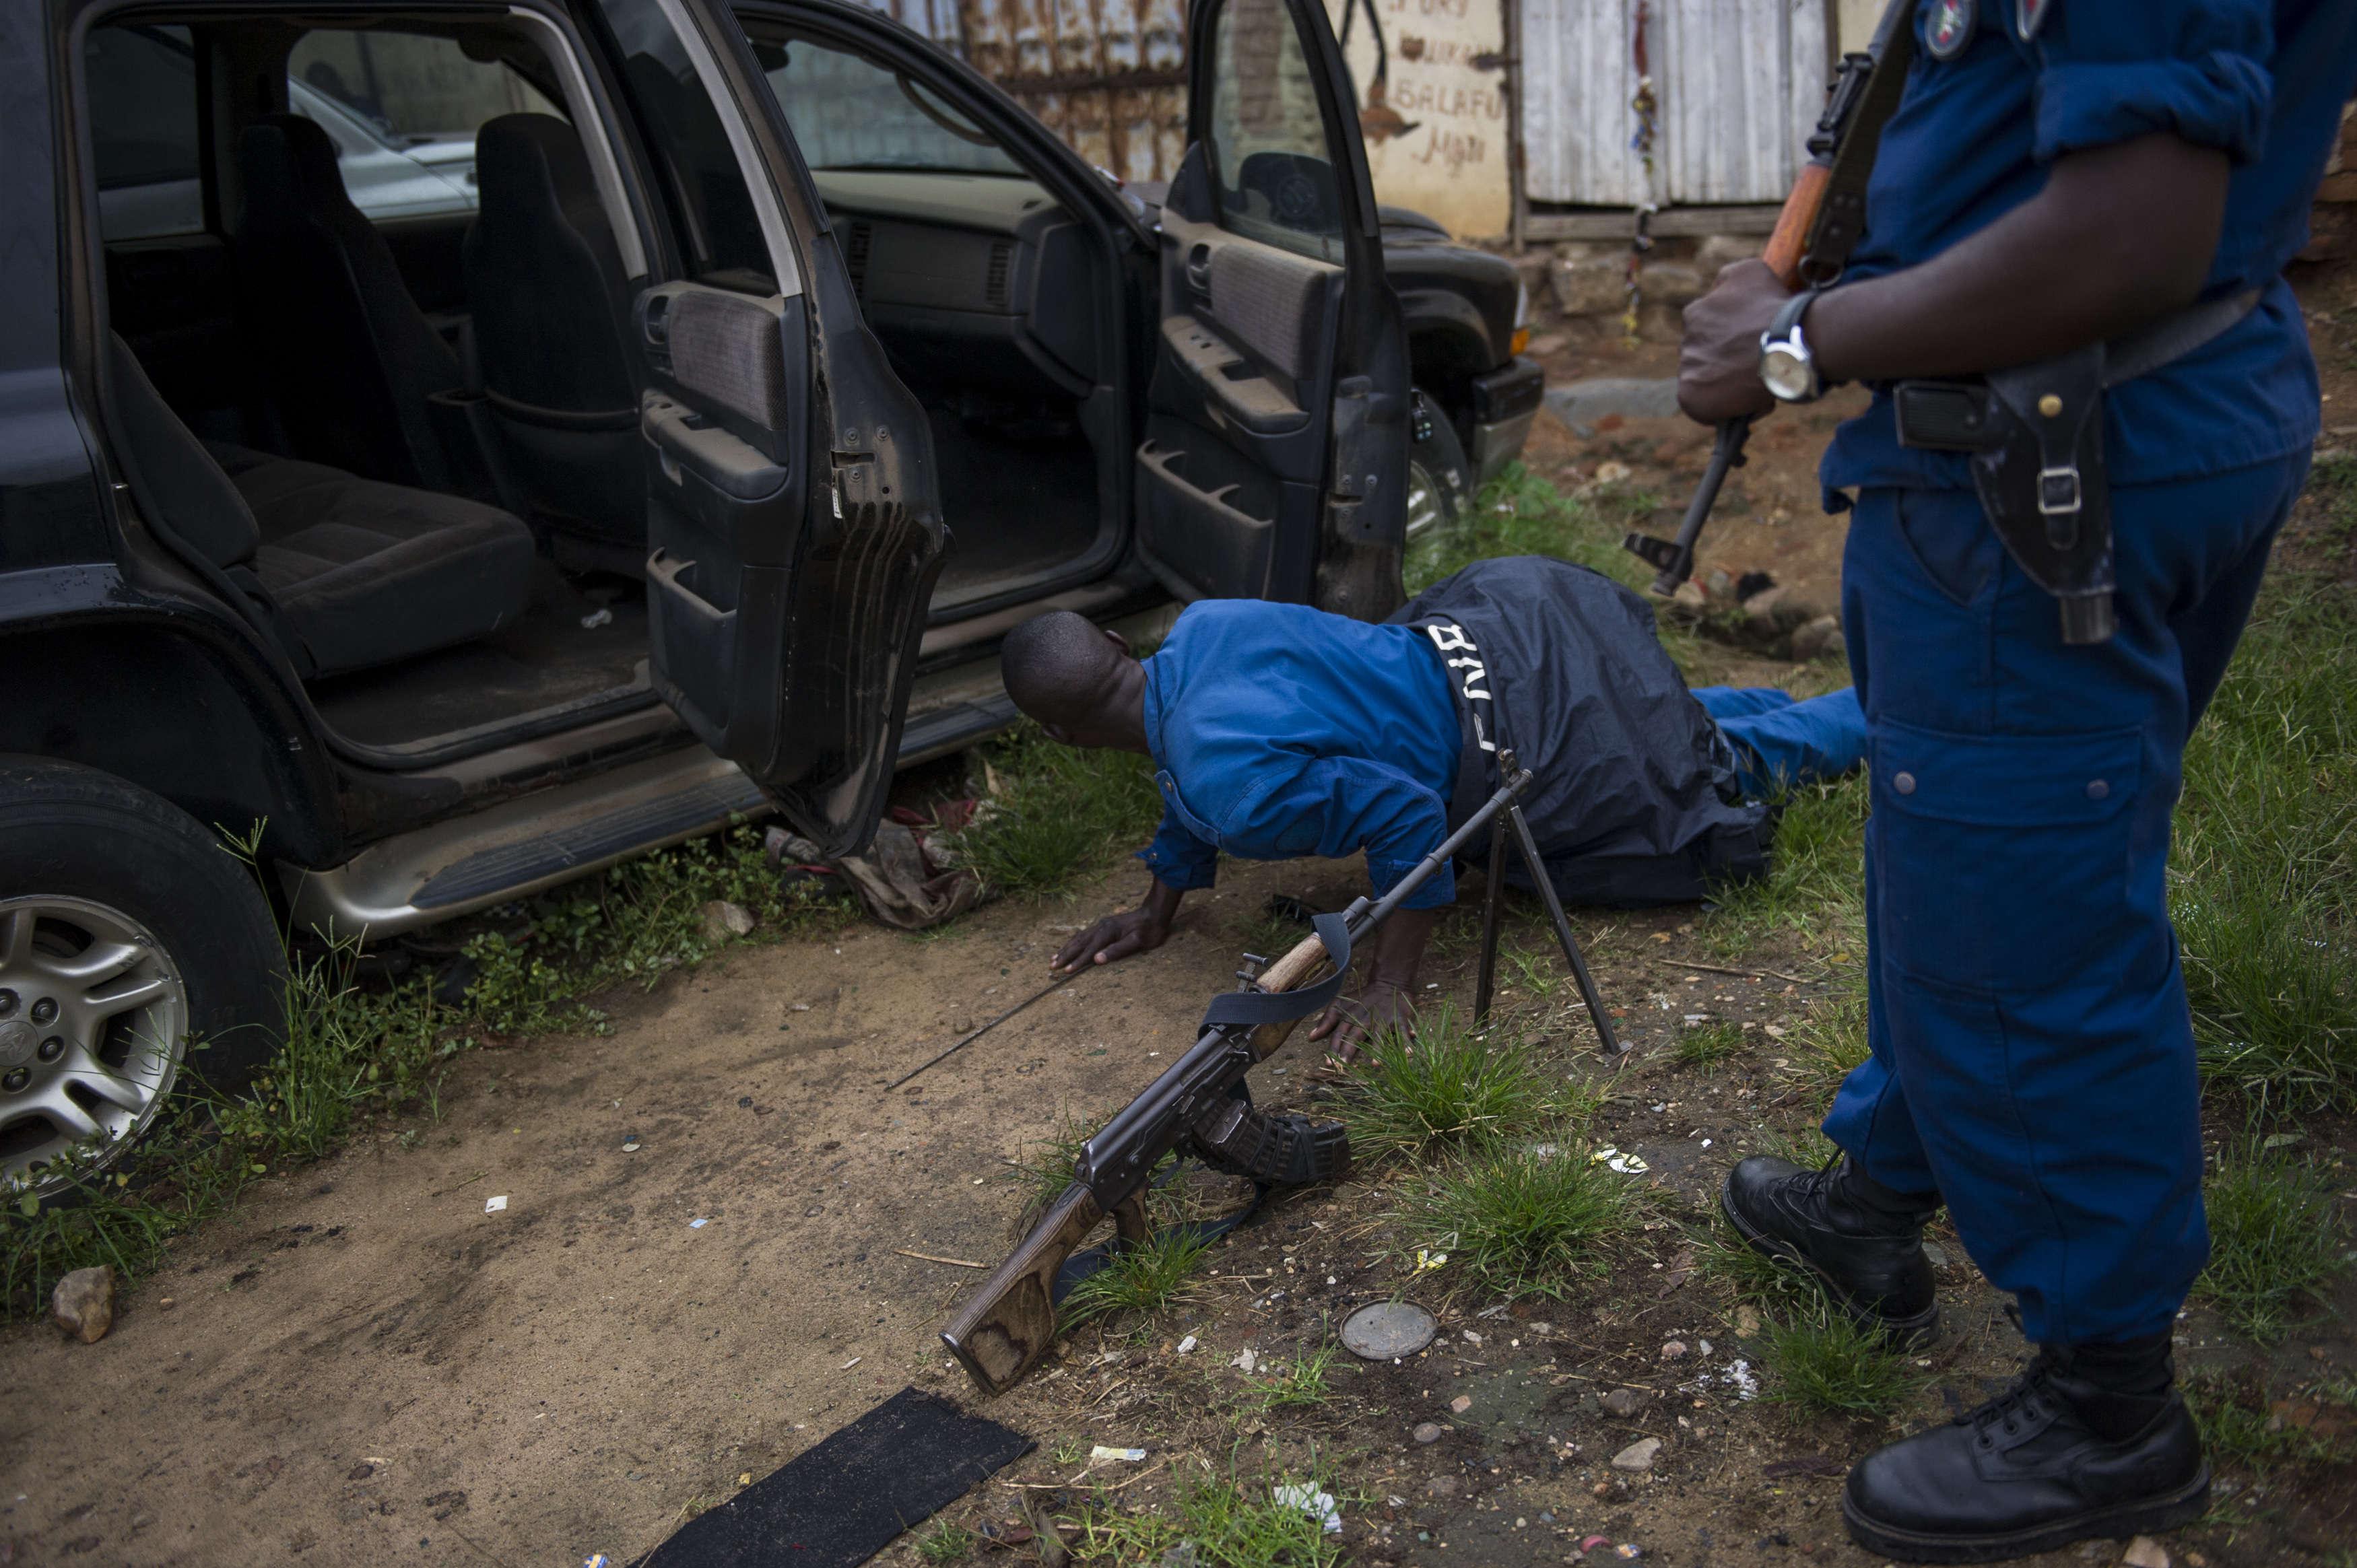 La police fouille  une voiture dans le quartier de Jabe, le 27 janvier. A la suite d'une fusillade la nuit précédente, la police a effectué une descente dans le quartier ce matin-là, arrêtant plusieurs jeunes hommes suspectés d'avoir pris part aux affrontements.